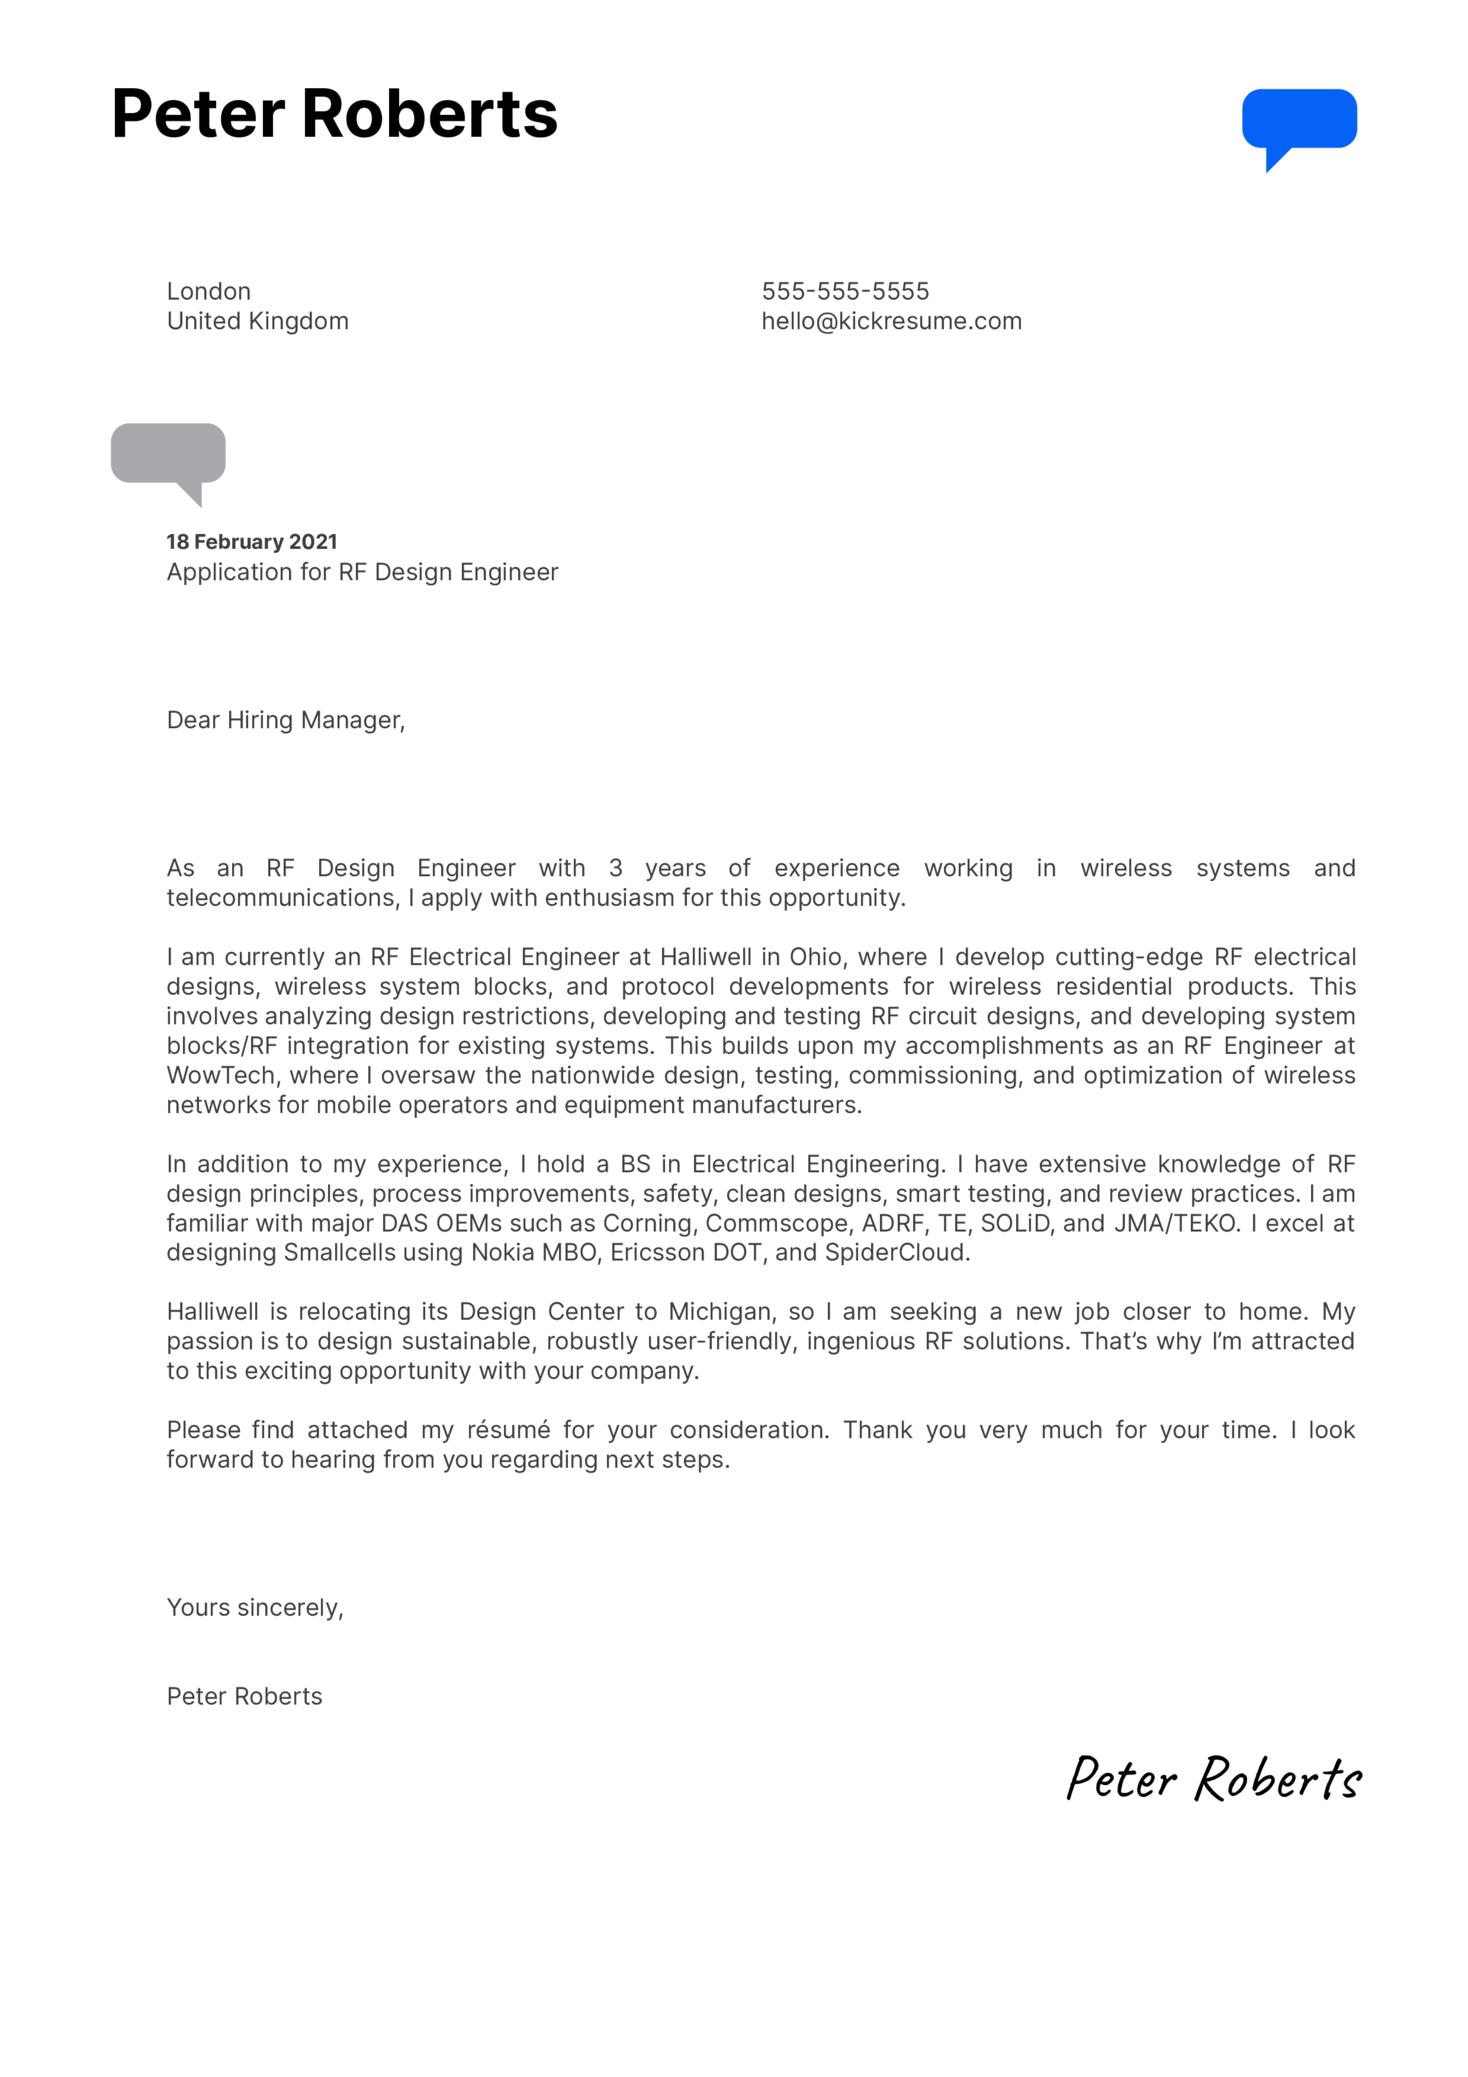 RF Design Engineer Cover Letter Sample